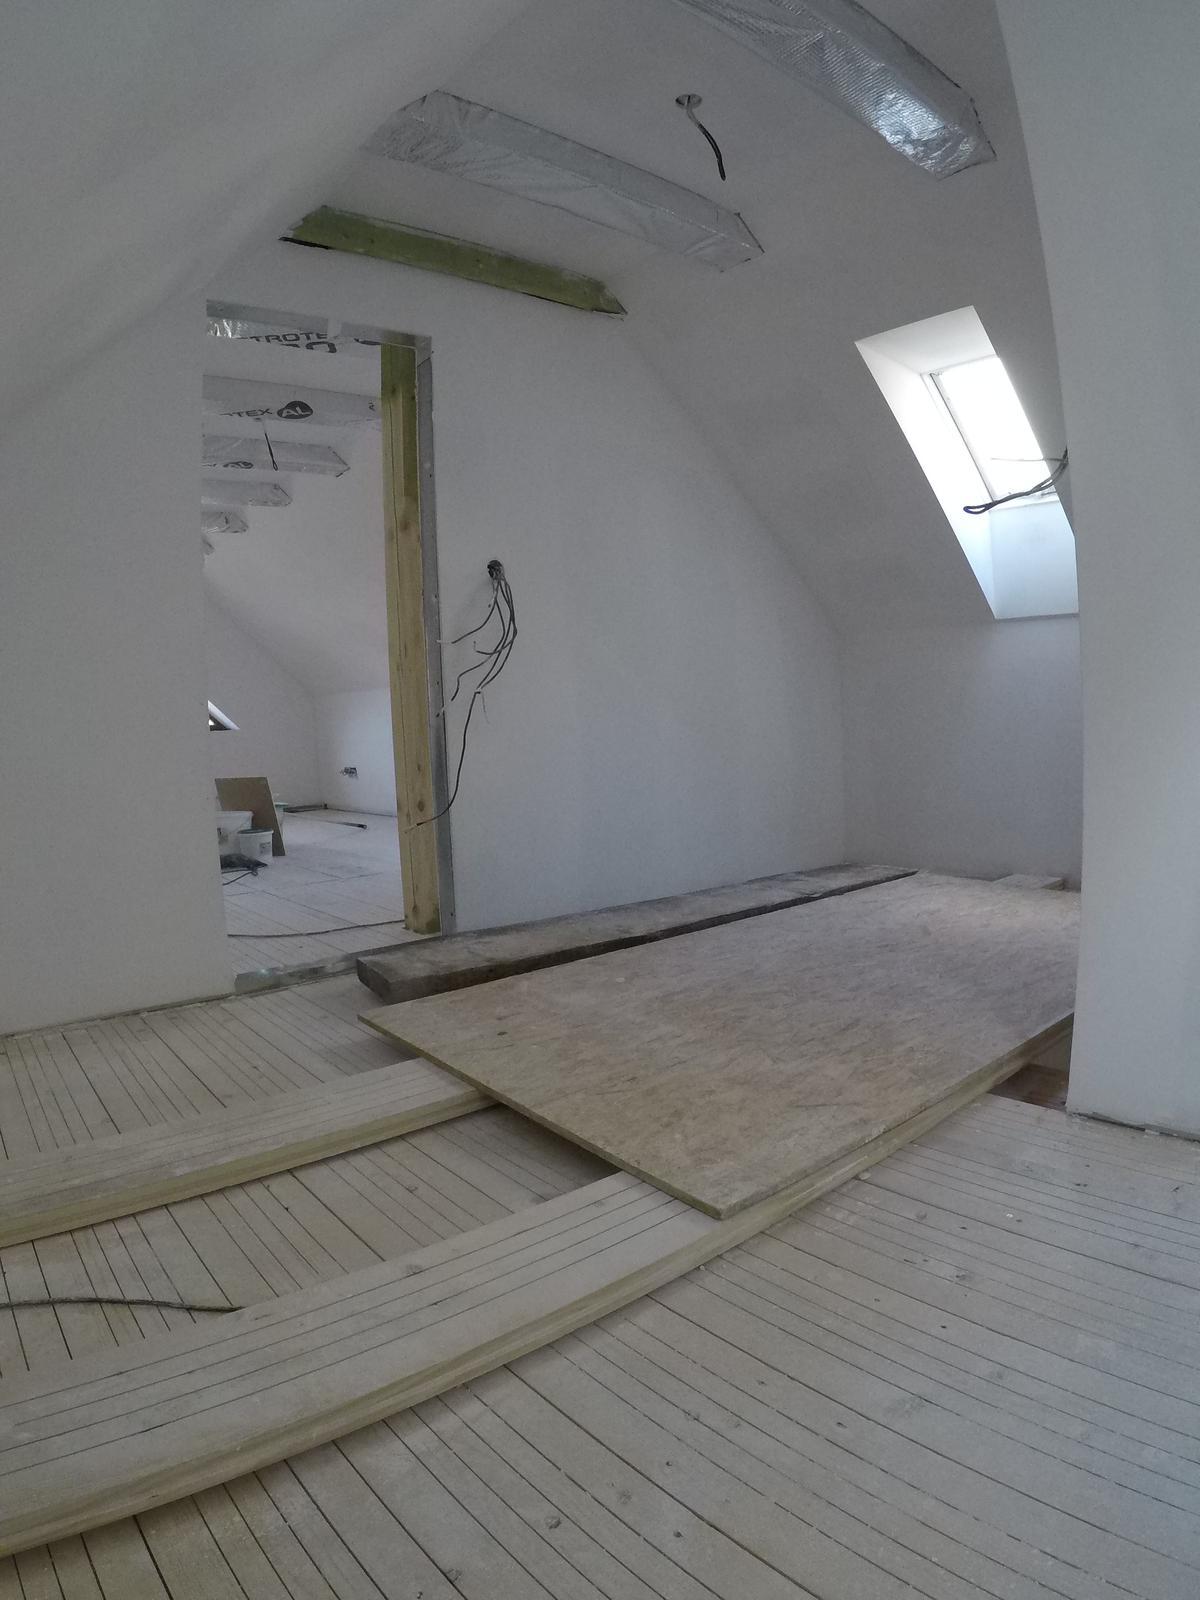 Rekonstrukcia podkrovia - Obrázok č. 28